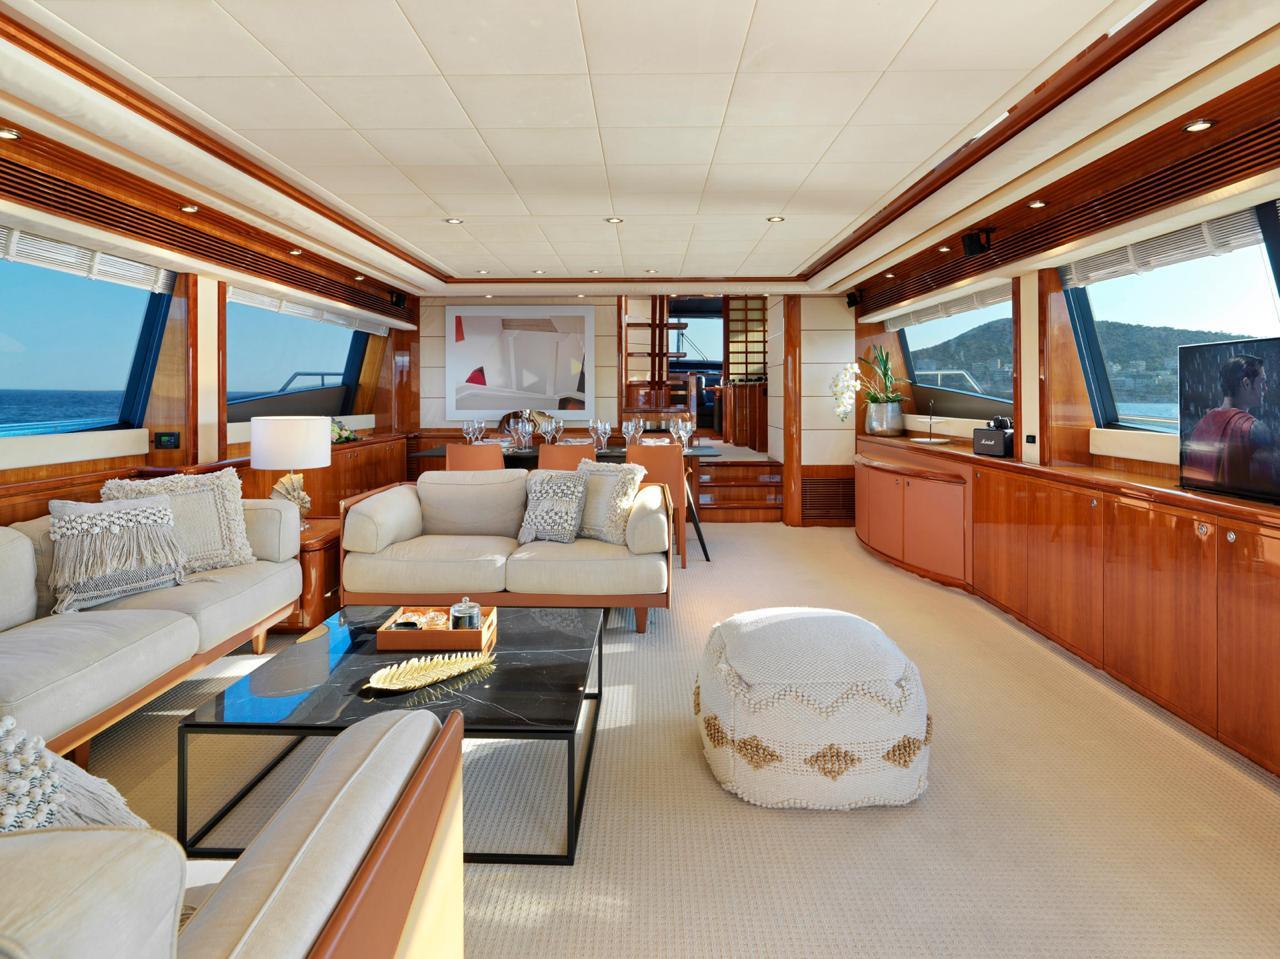 Salon of luxury yacht